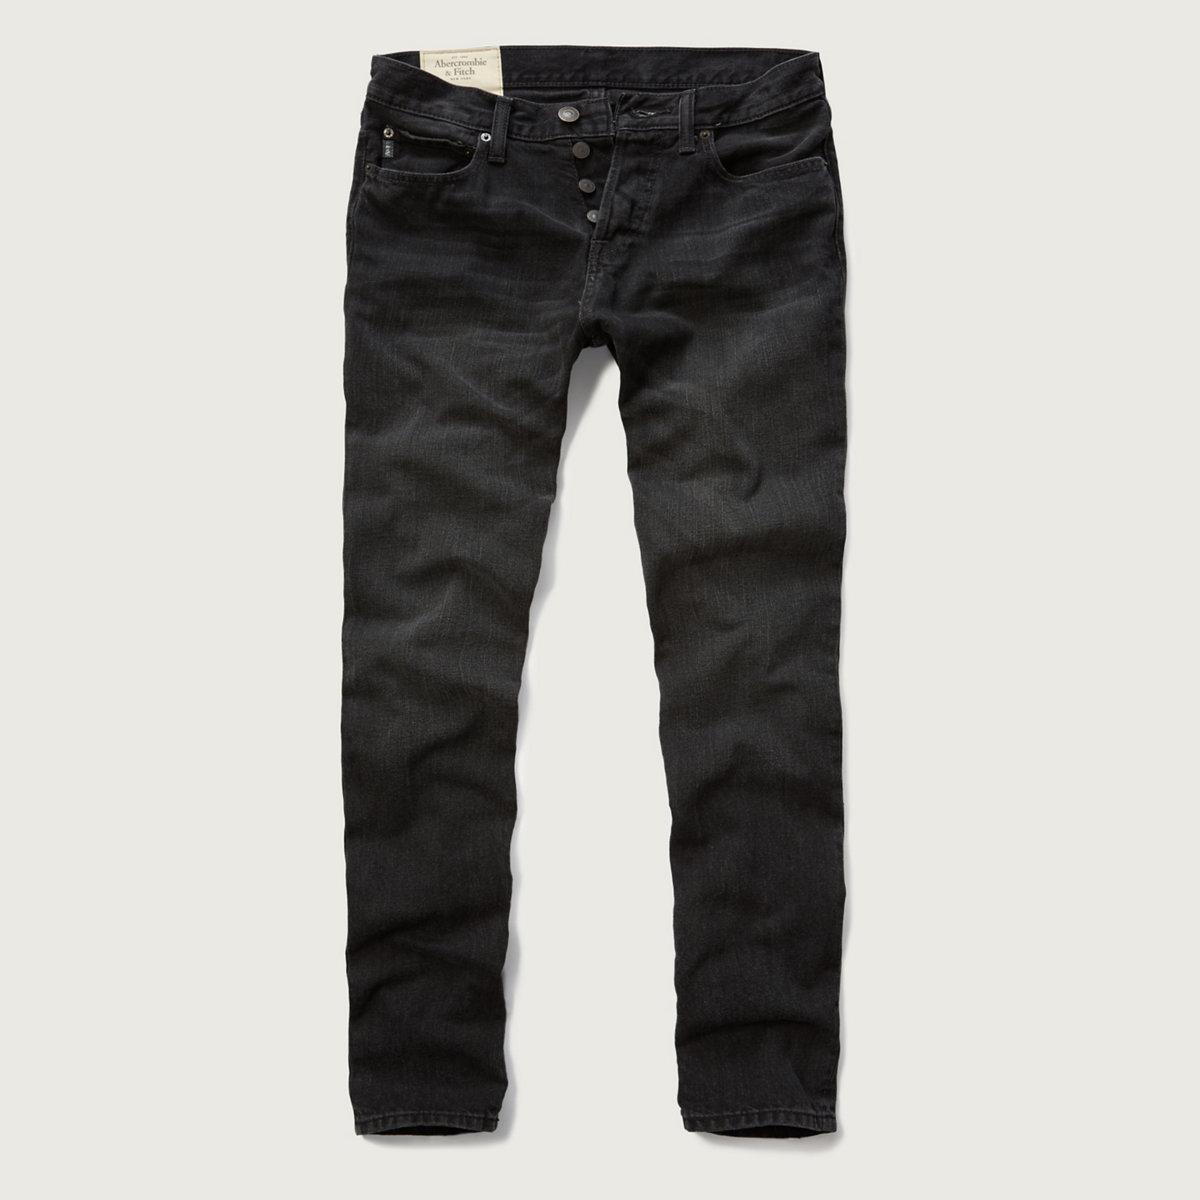 Classic Taper Jeans